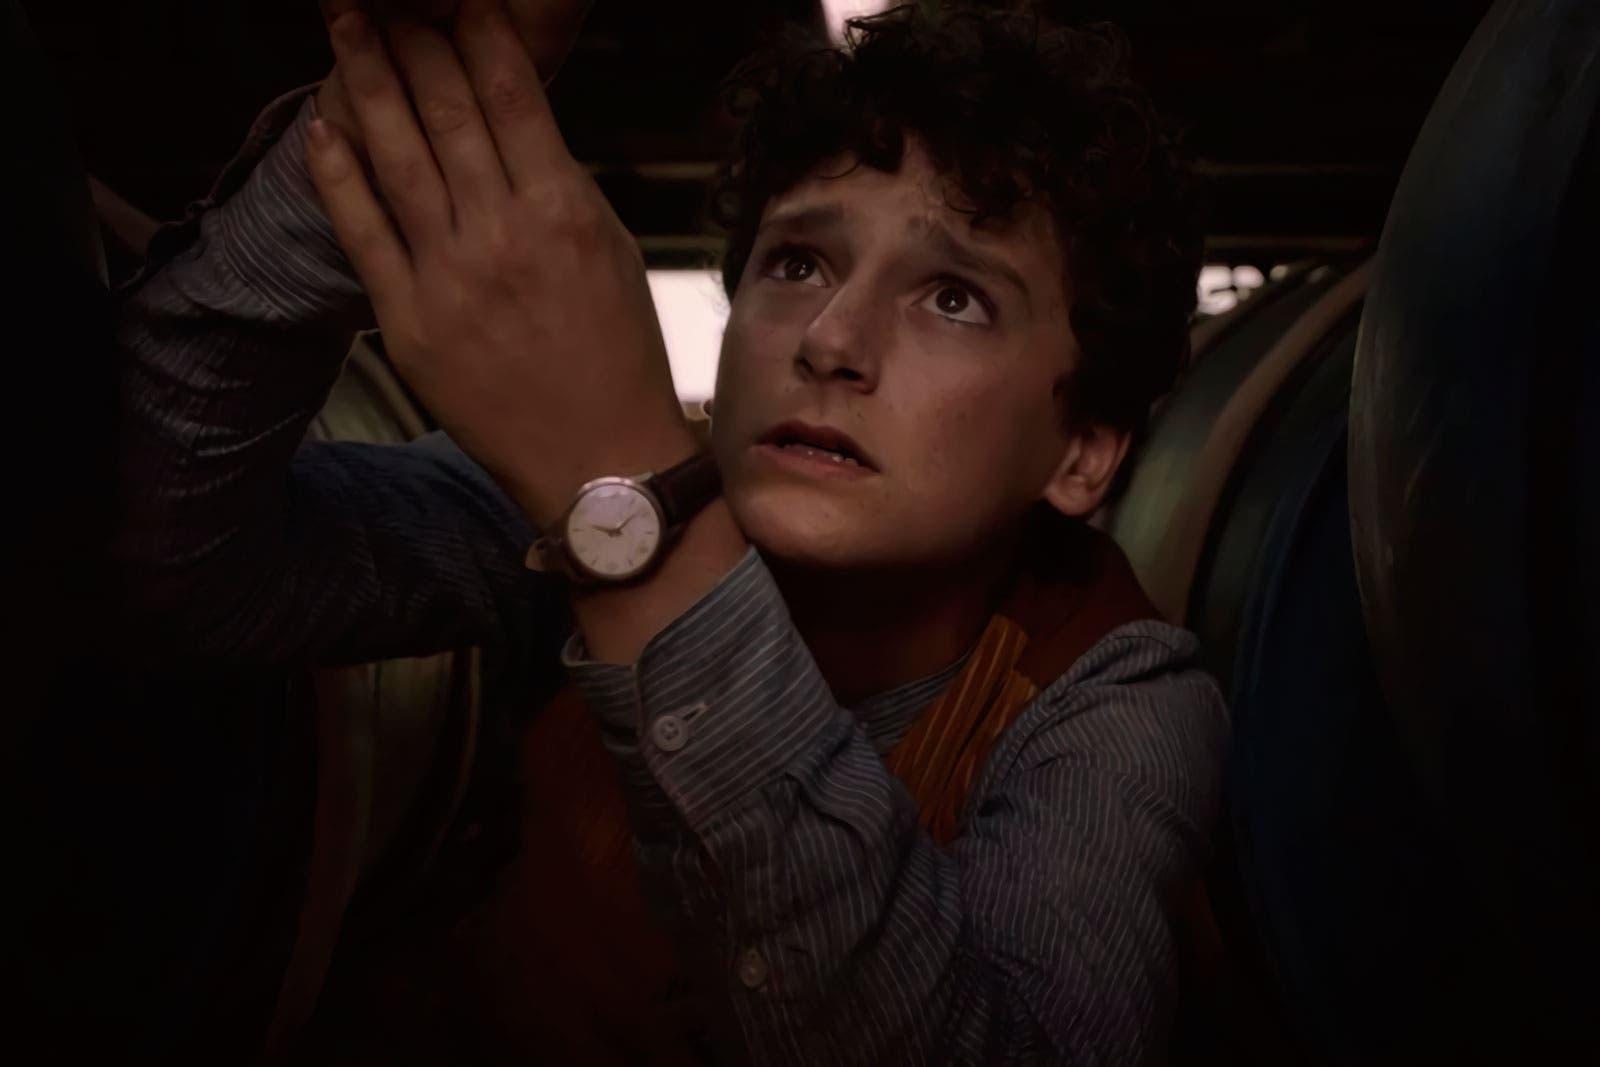 Elton hace frente a su claustrofobia para arreglar el bote en el episodio 1x05 de The Walking Dead: World Beyond